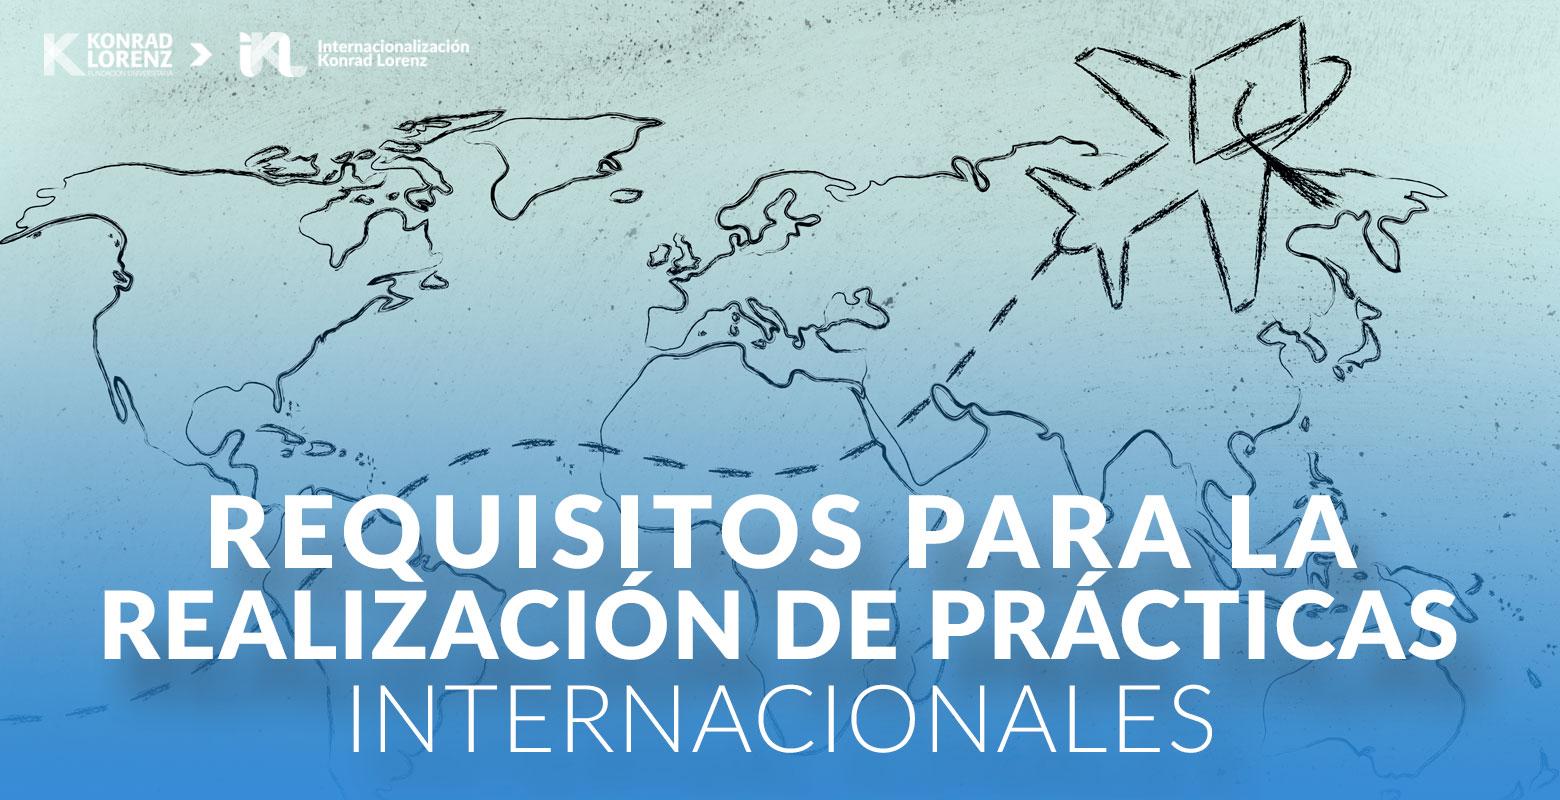 Requisitos para la realización de prácticas internacionales